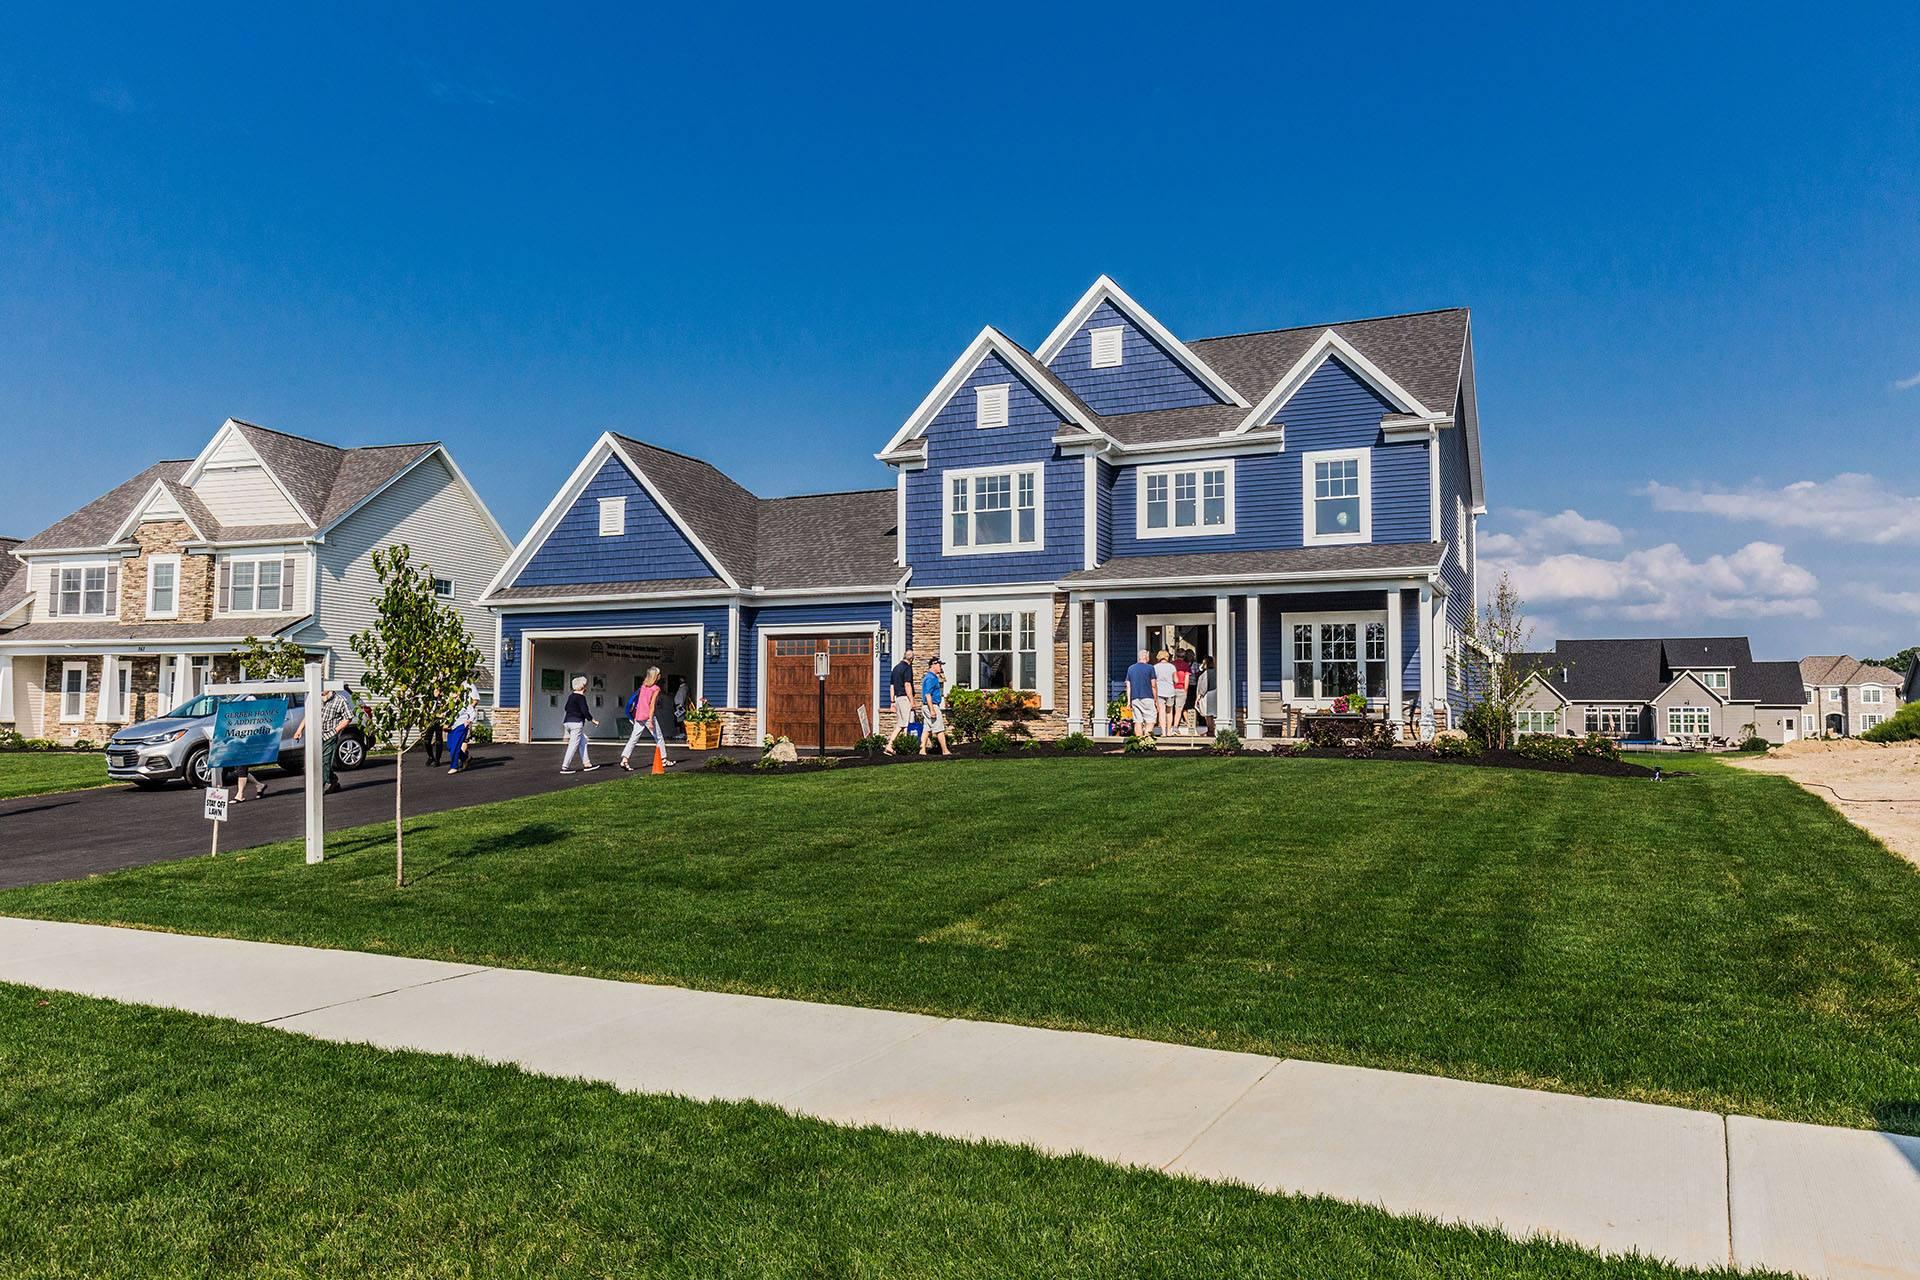 2018 Home-a-Rama Custom Home in Perinton, NY